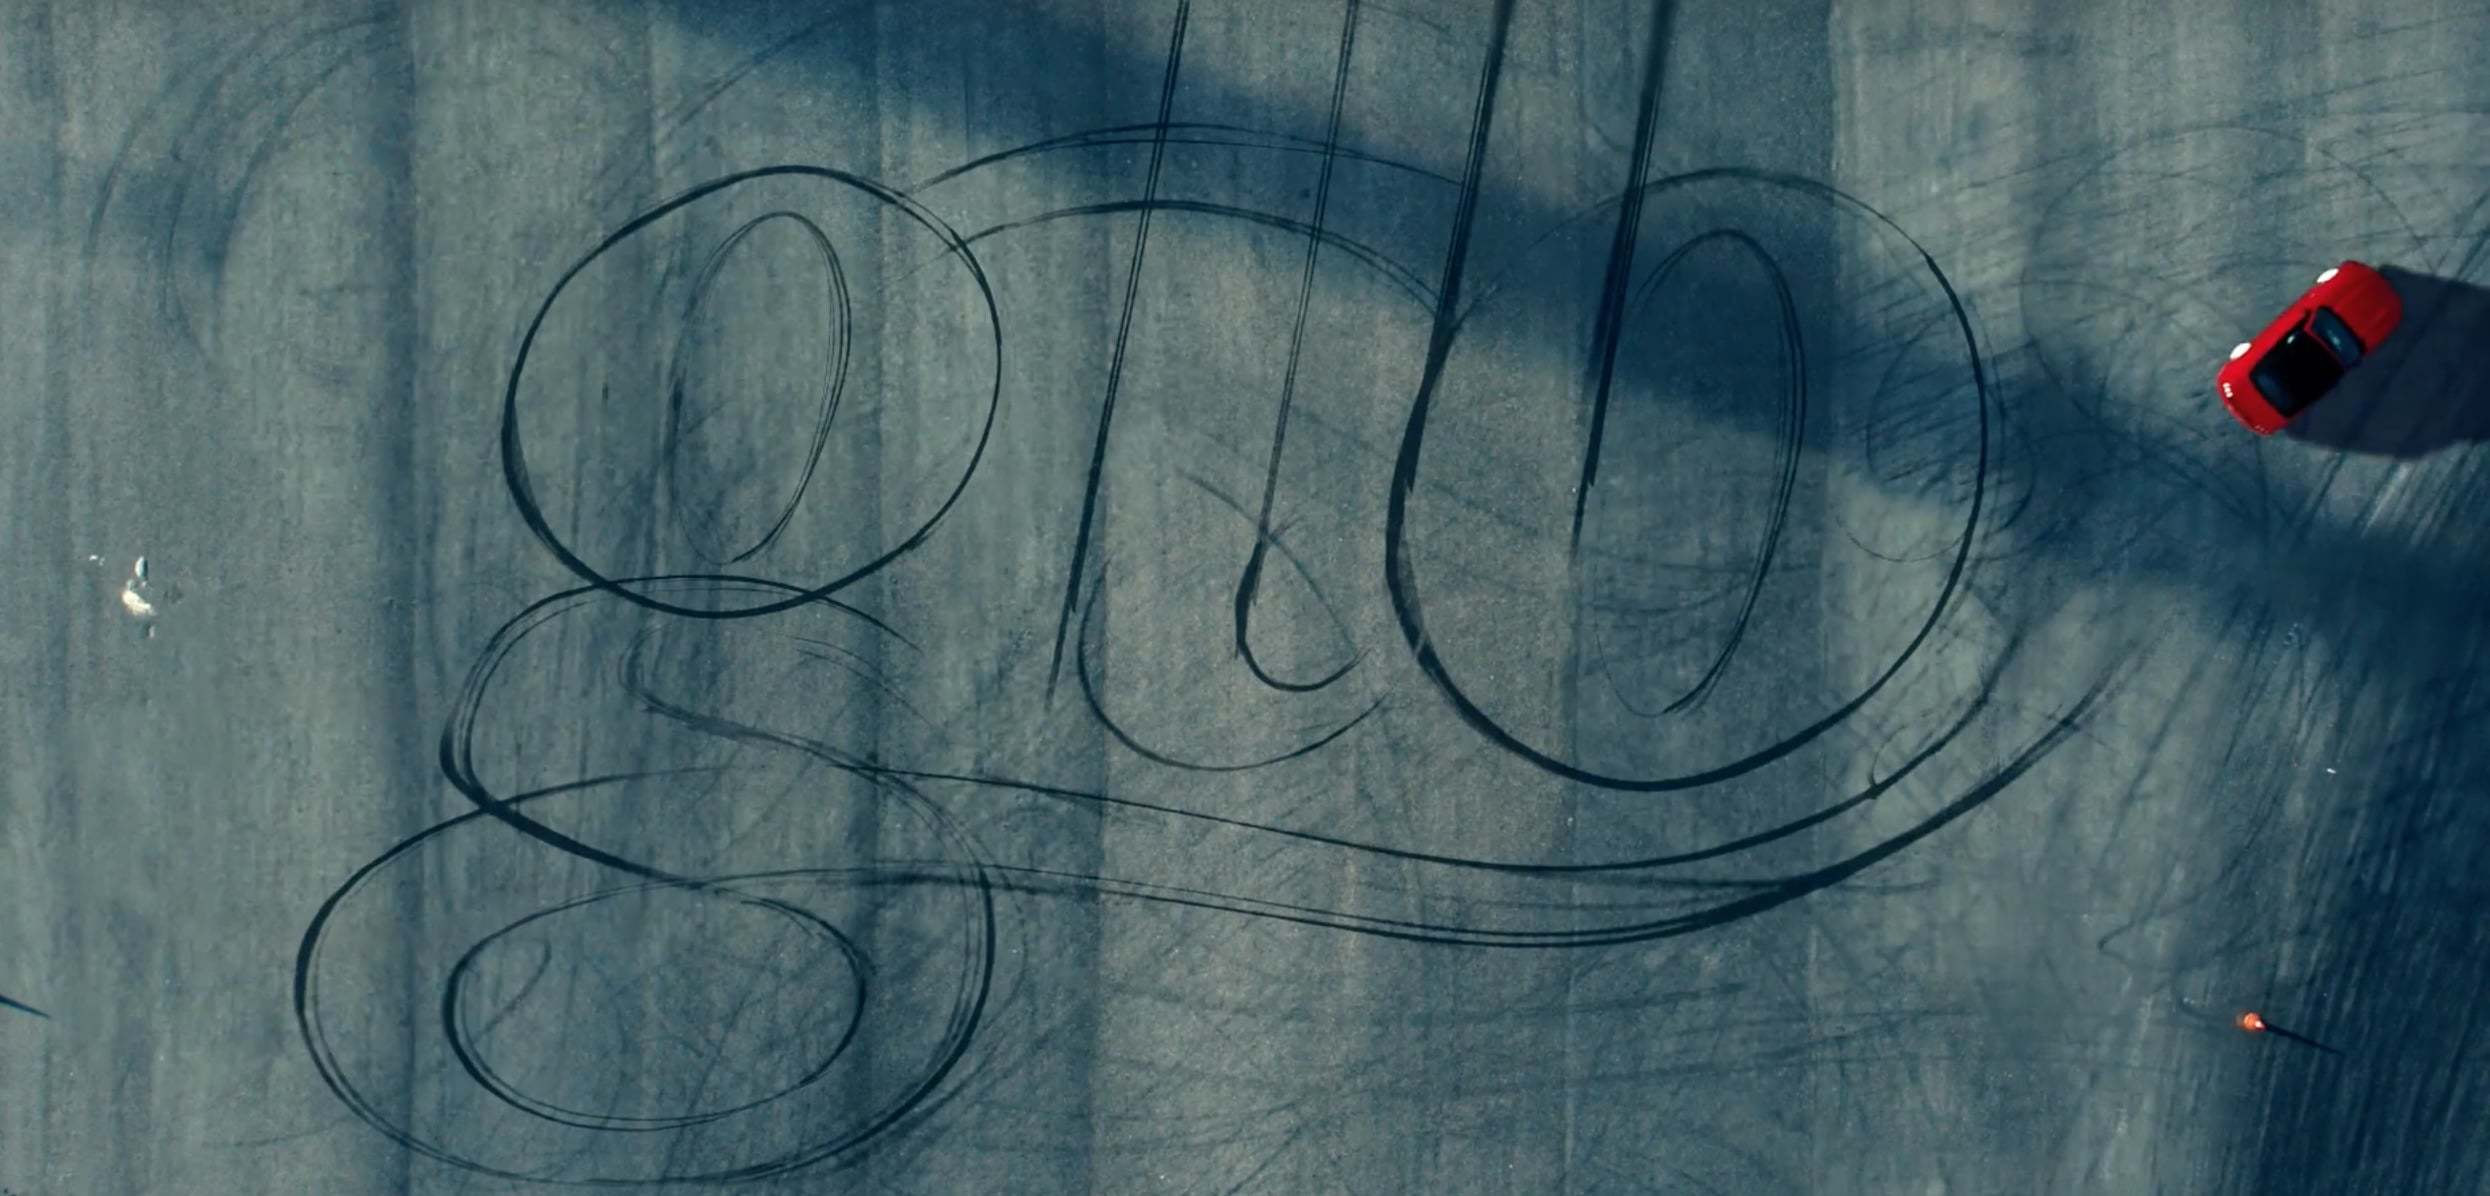 gtb istanbul_ford_tutku dolu bir yıl_bigumigu12